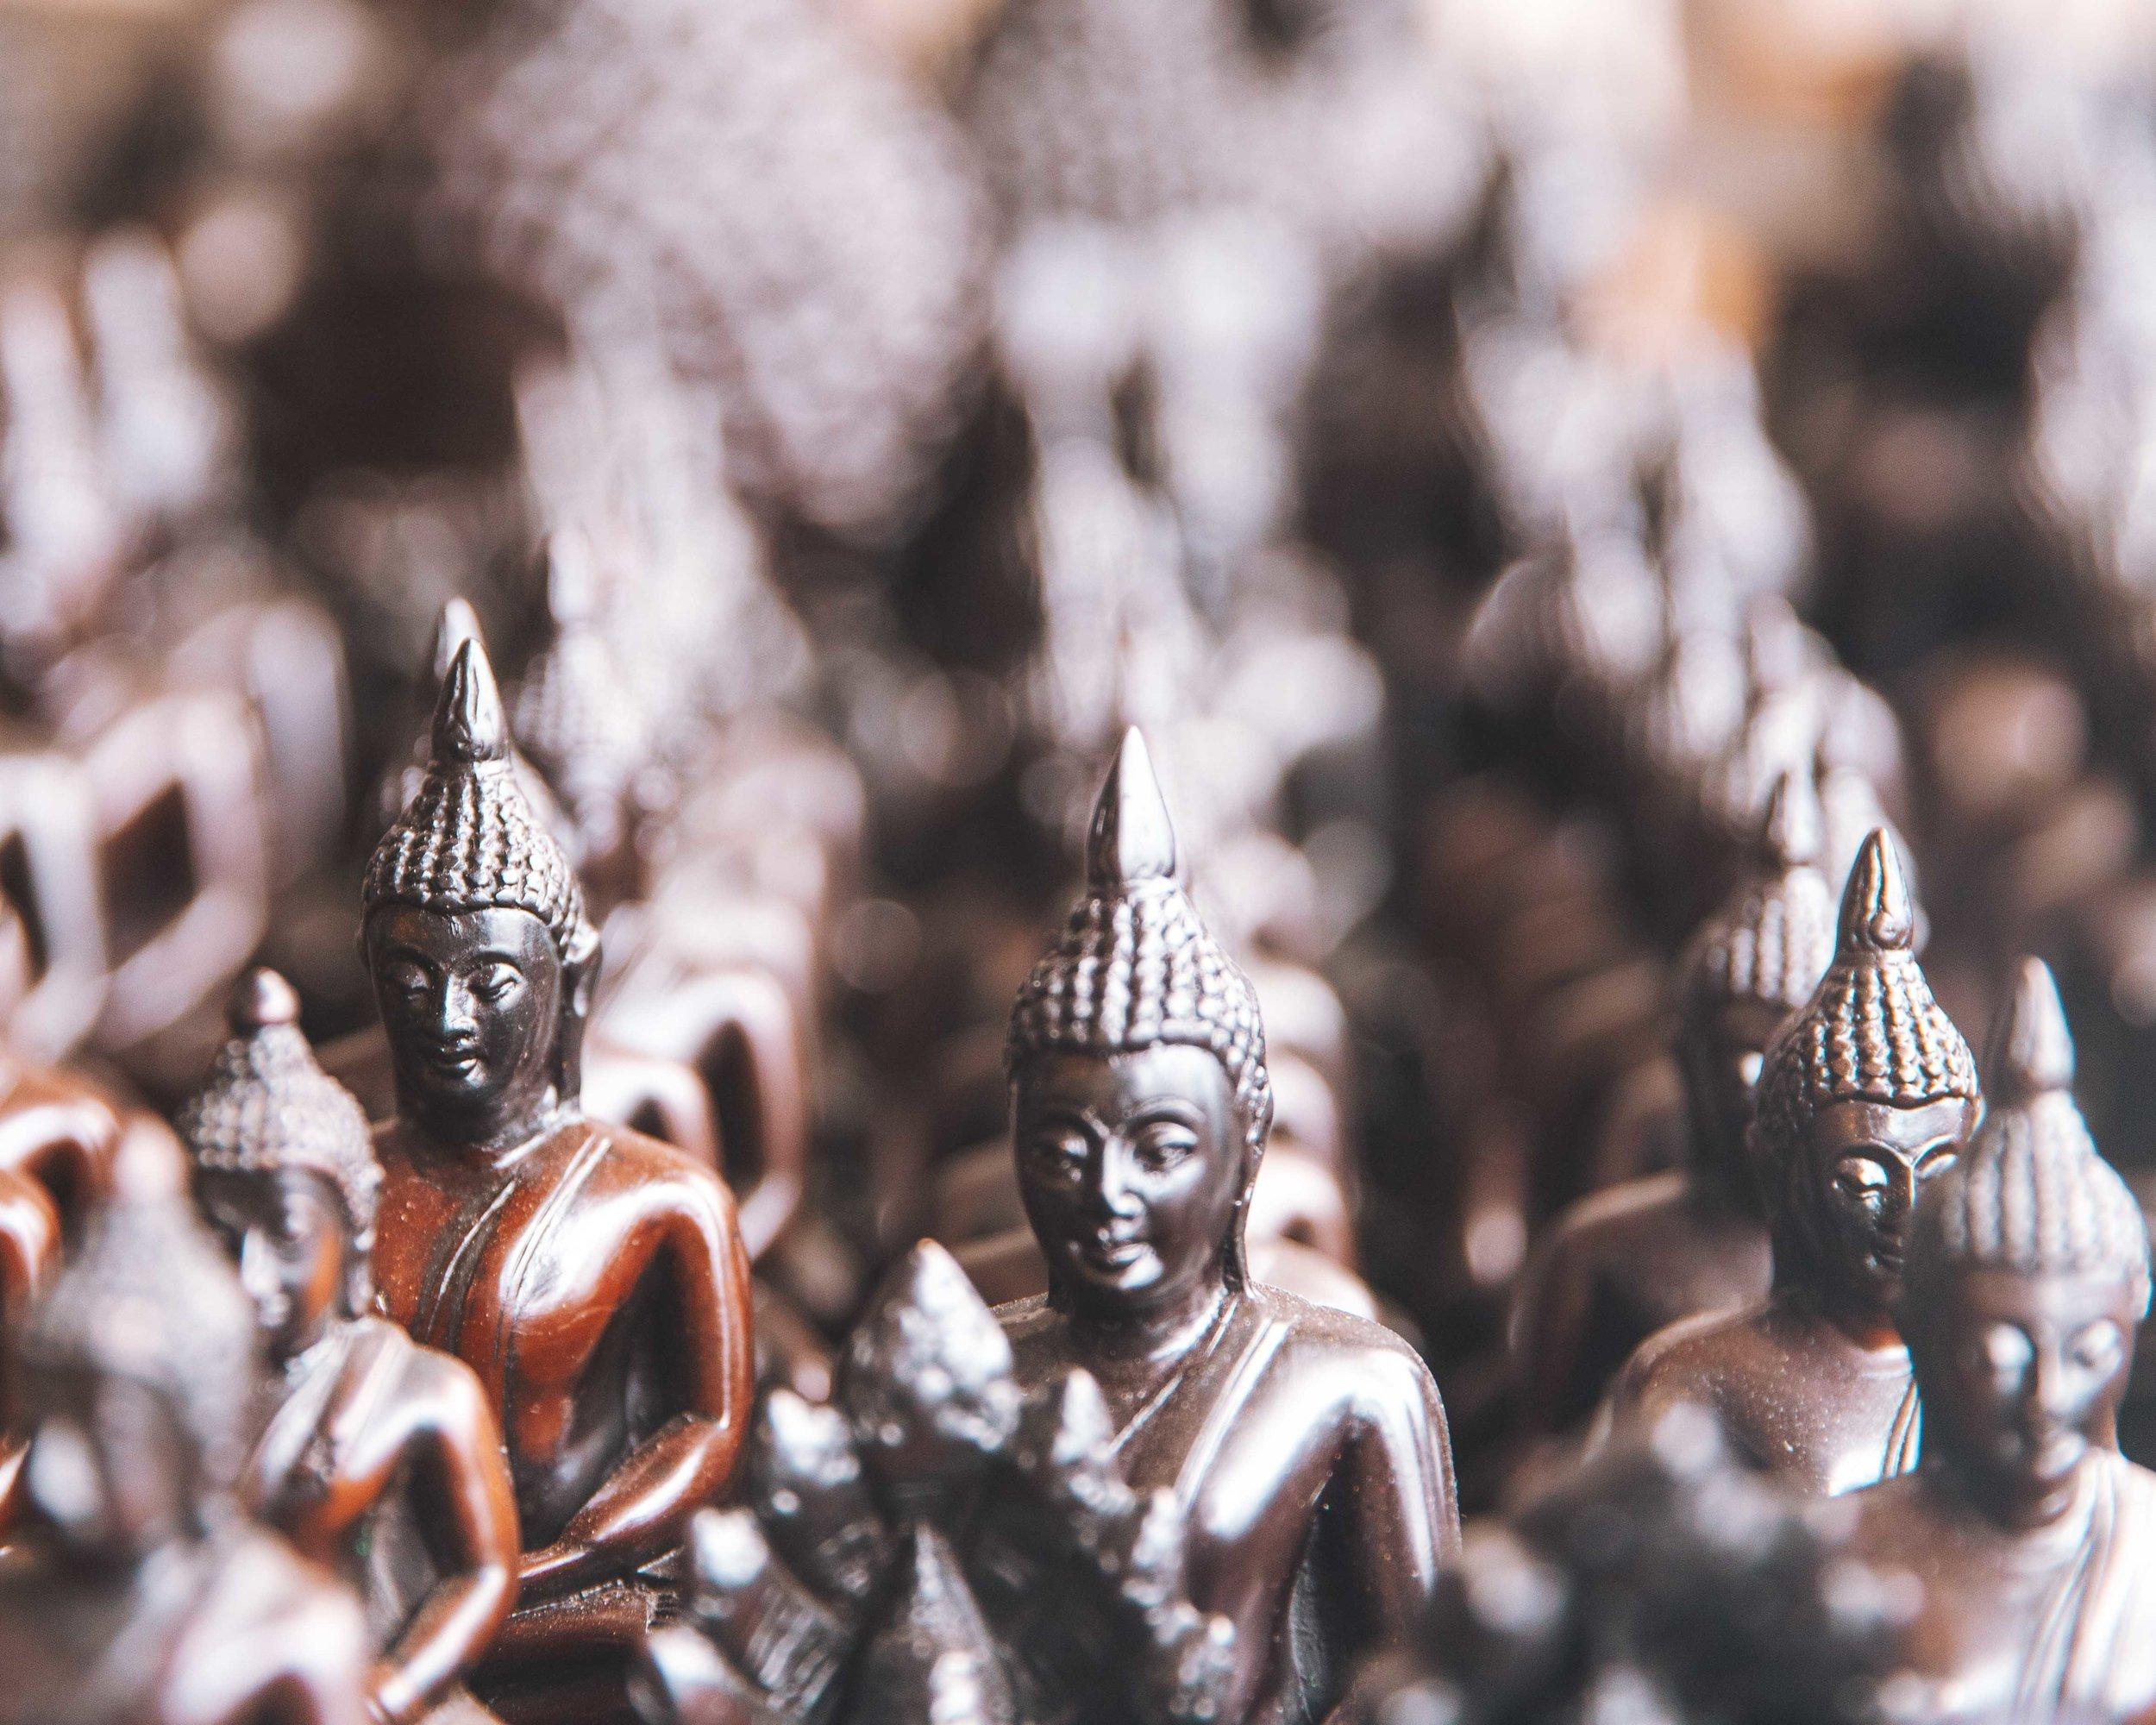 post-chiang-mai-8203.jpg